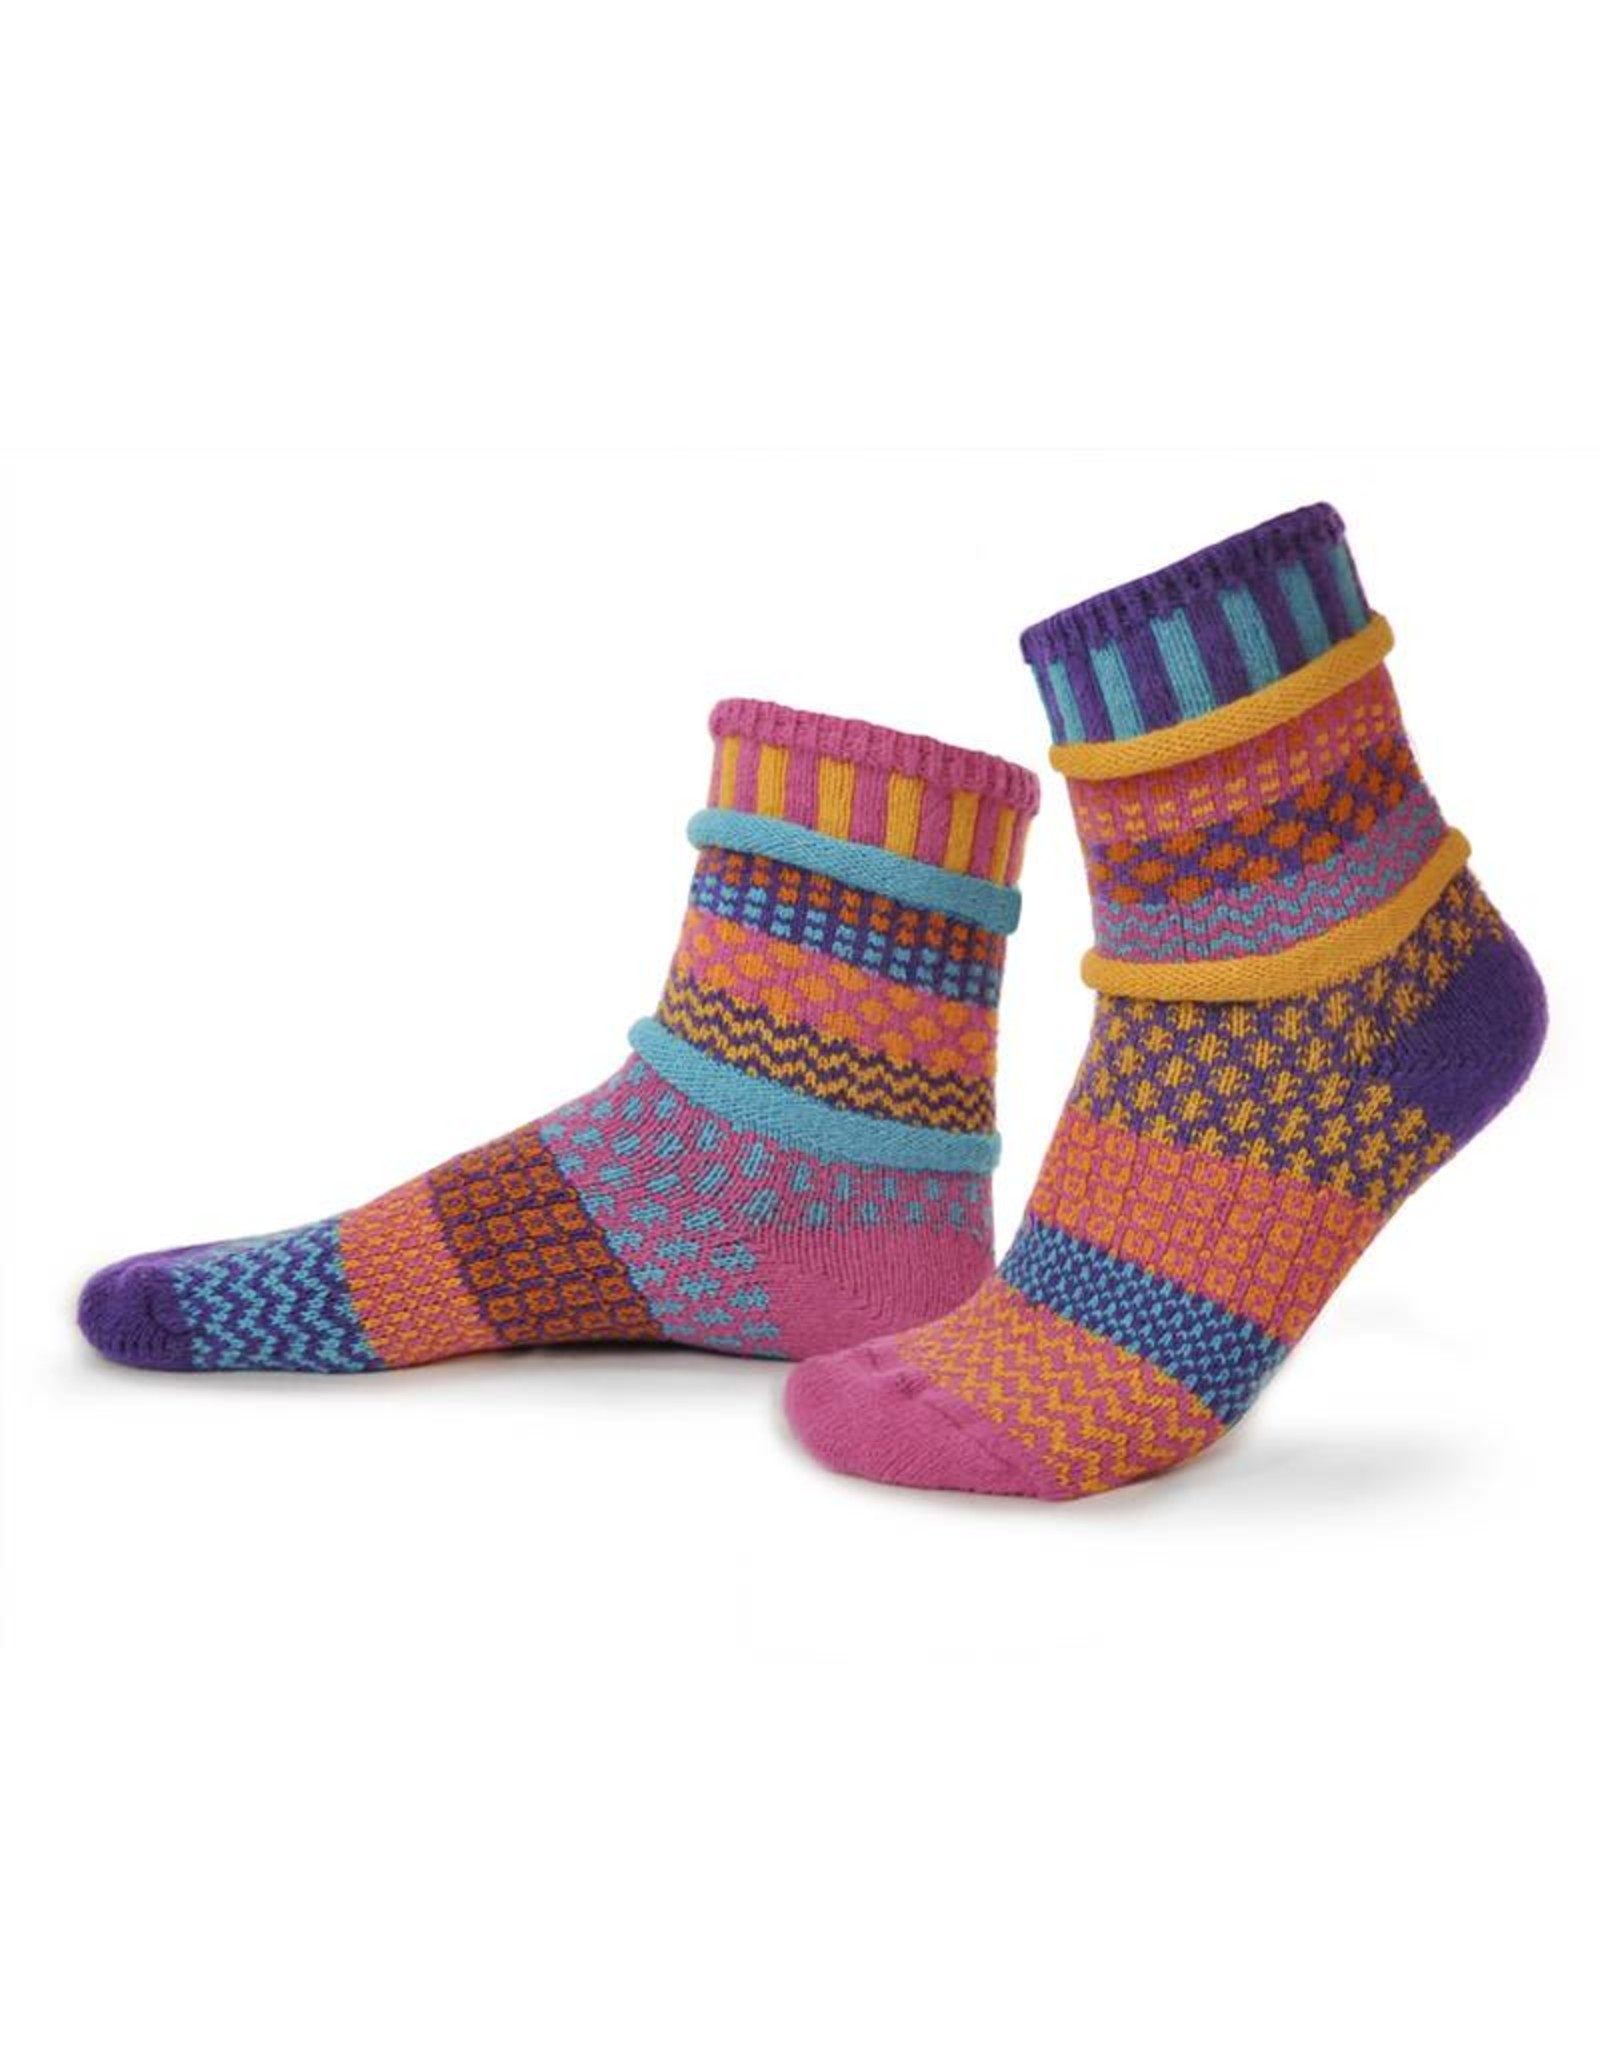 Solmate socks SOLMATE CREW